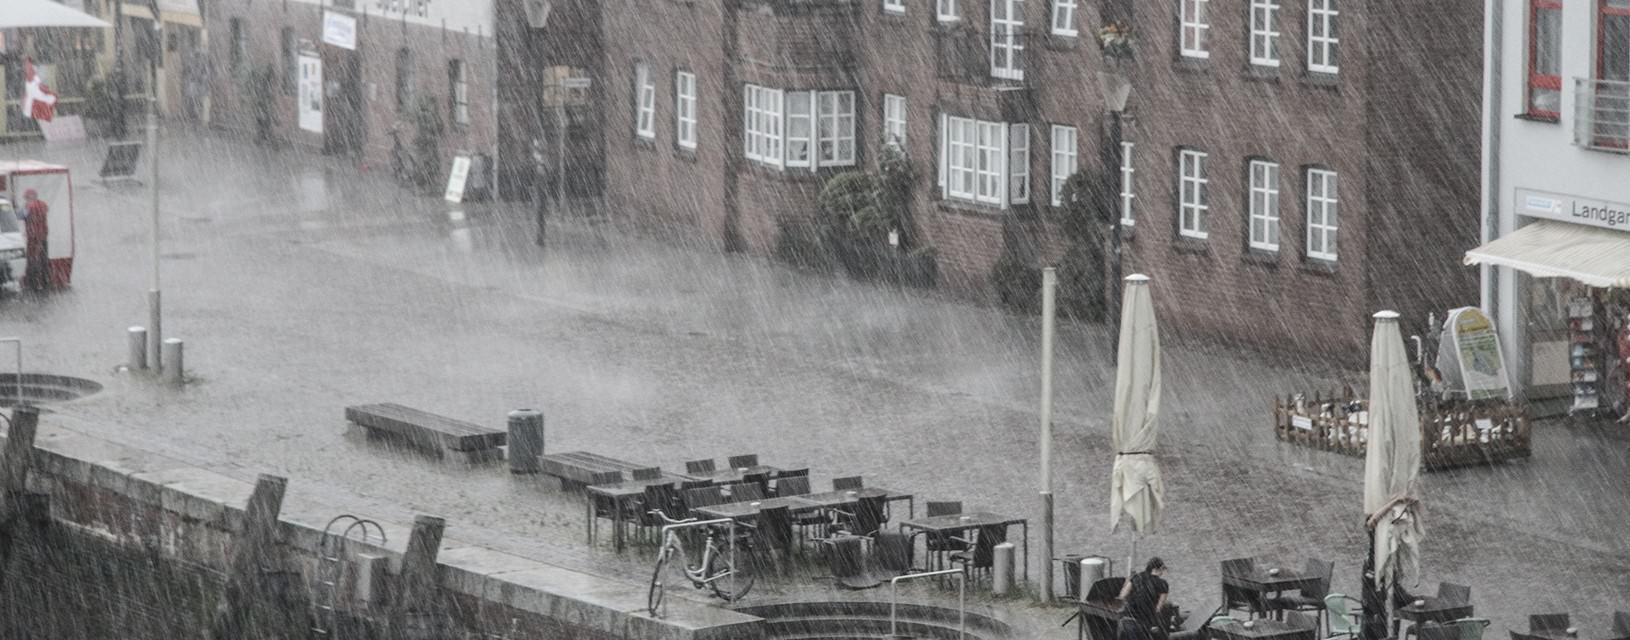 Windstabile Markisen: Mit dem Herbst kommen die Stürme